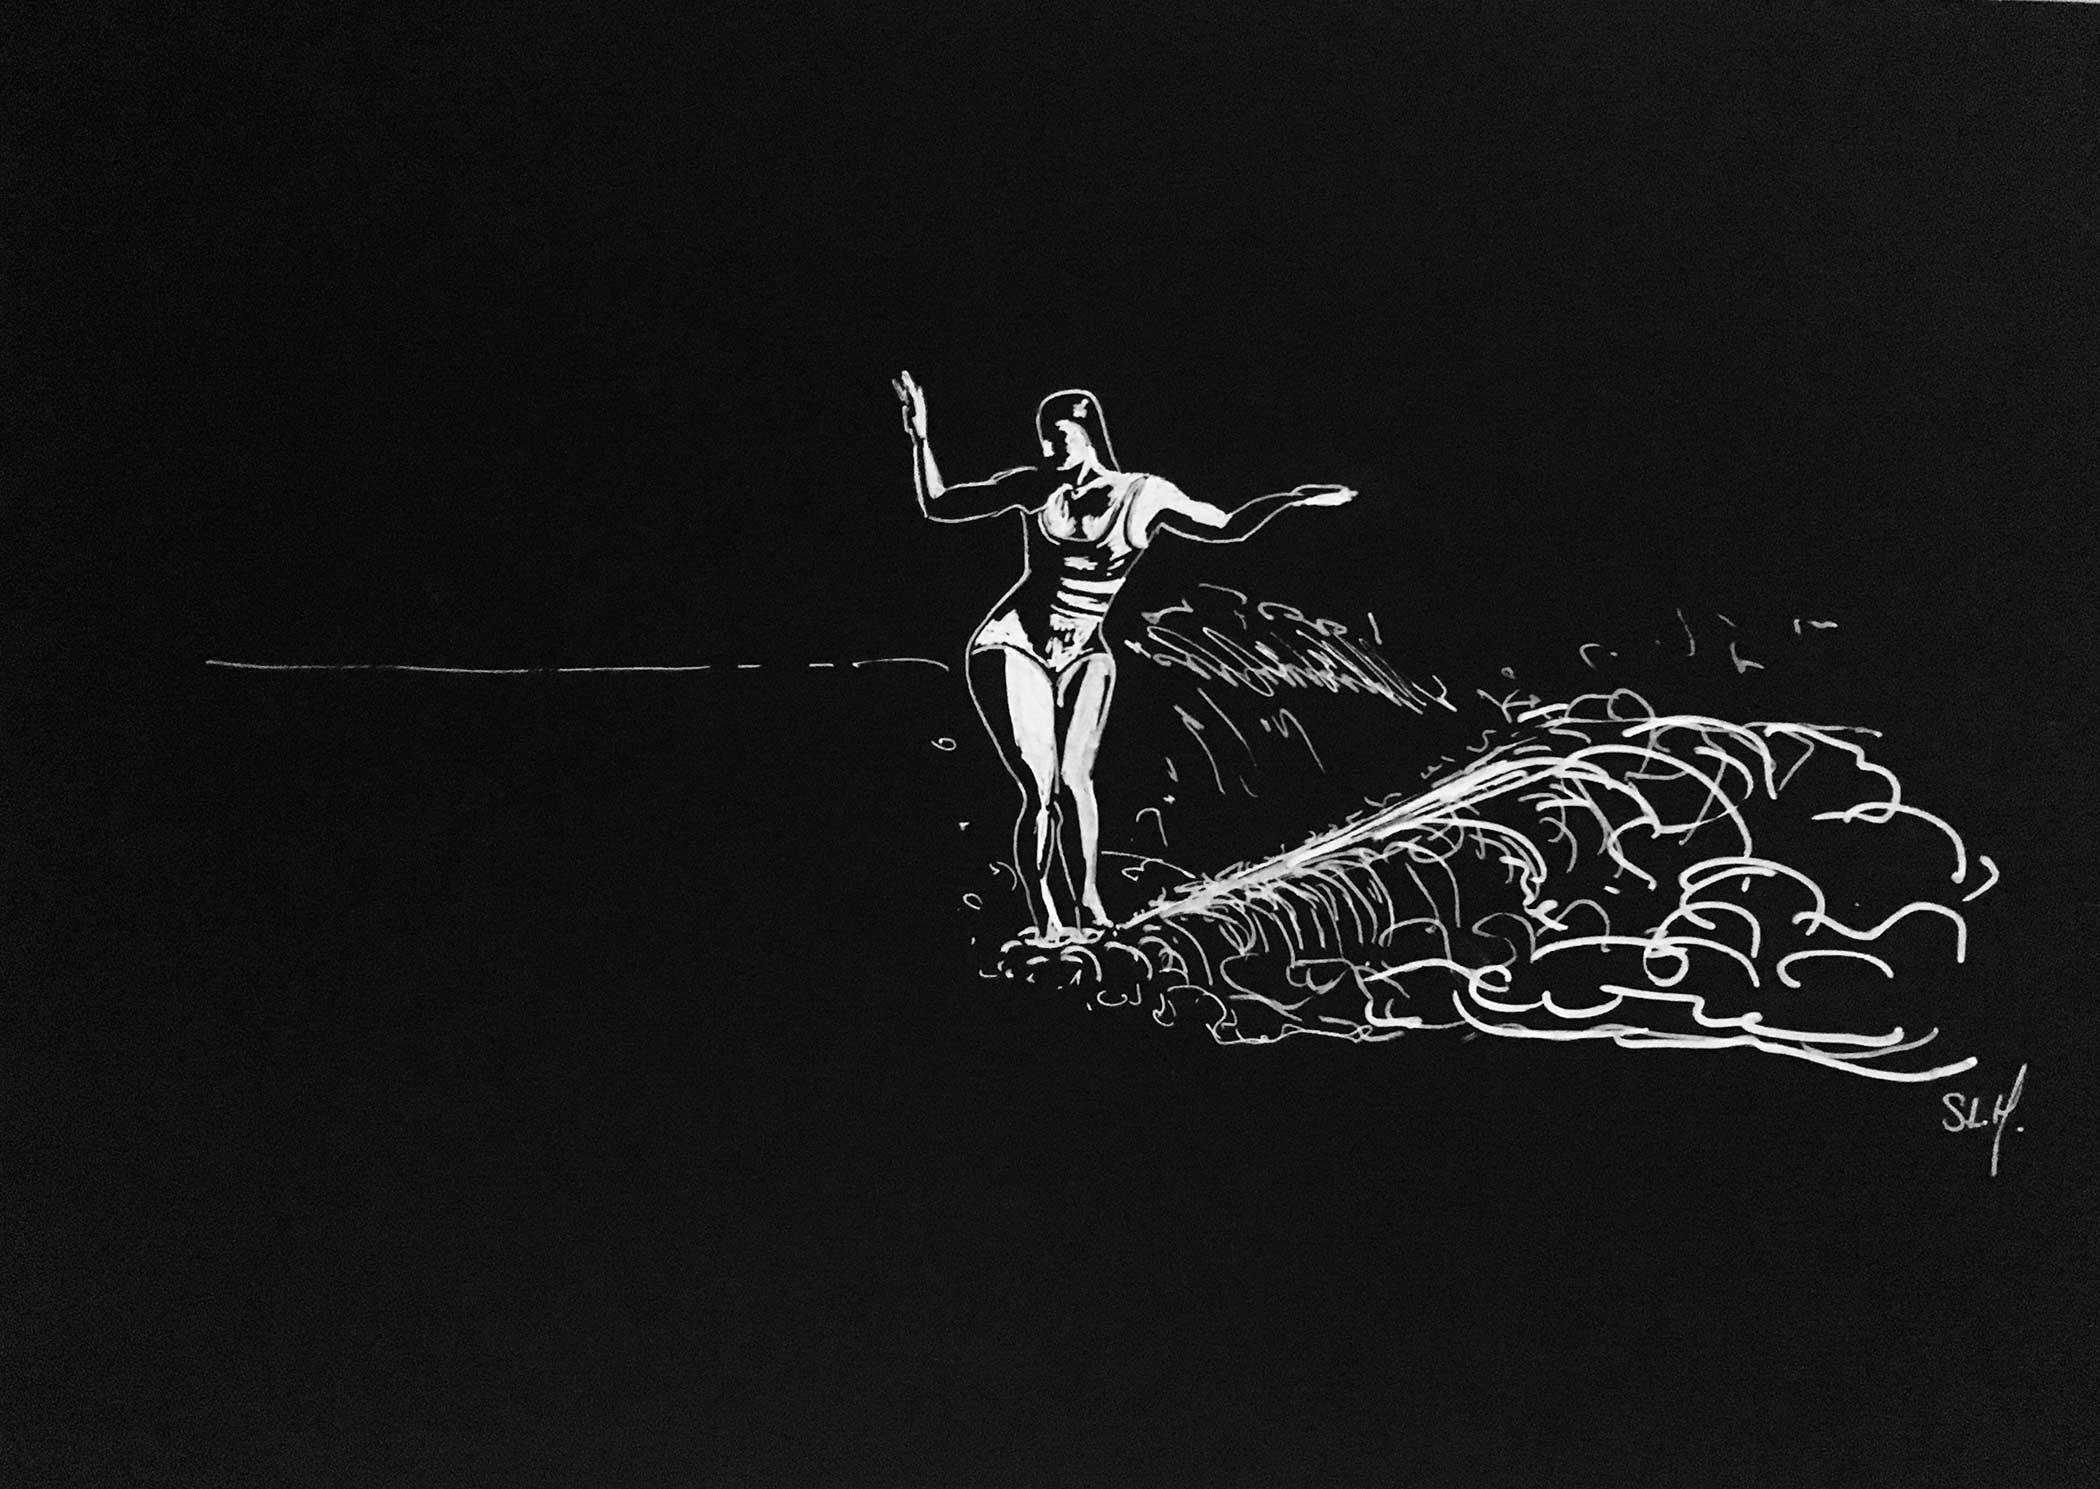 Exotic Girl Crayon Posca blanc (peinture acrylique à base d'eau) sur papier noir 2018